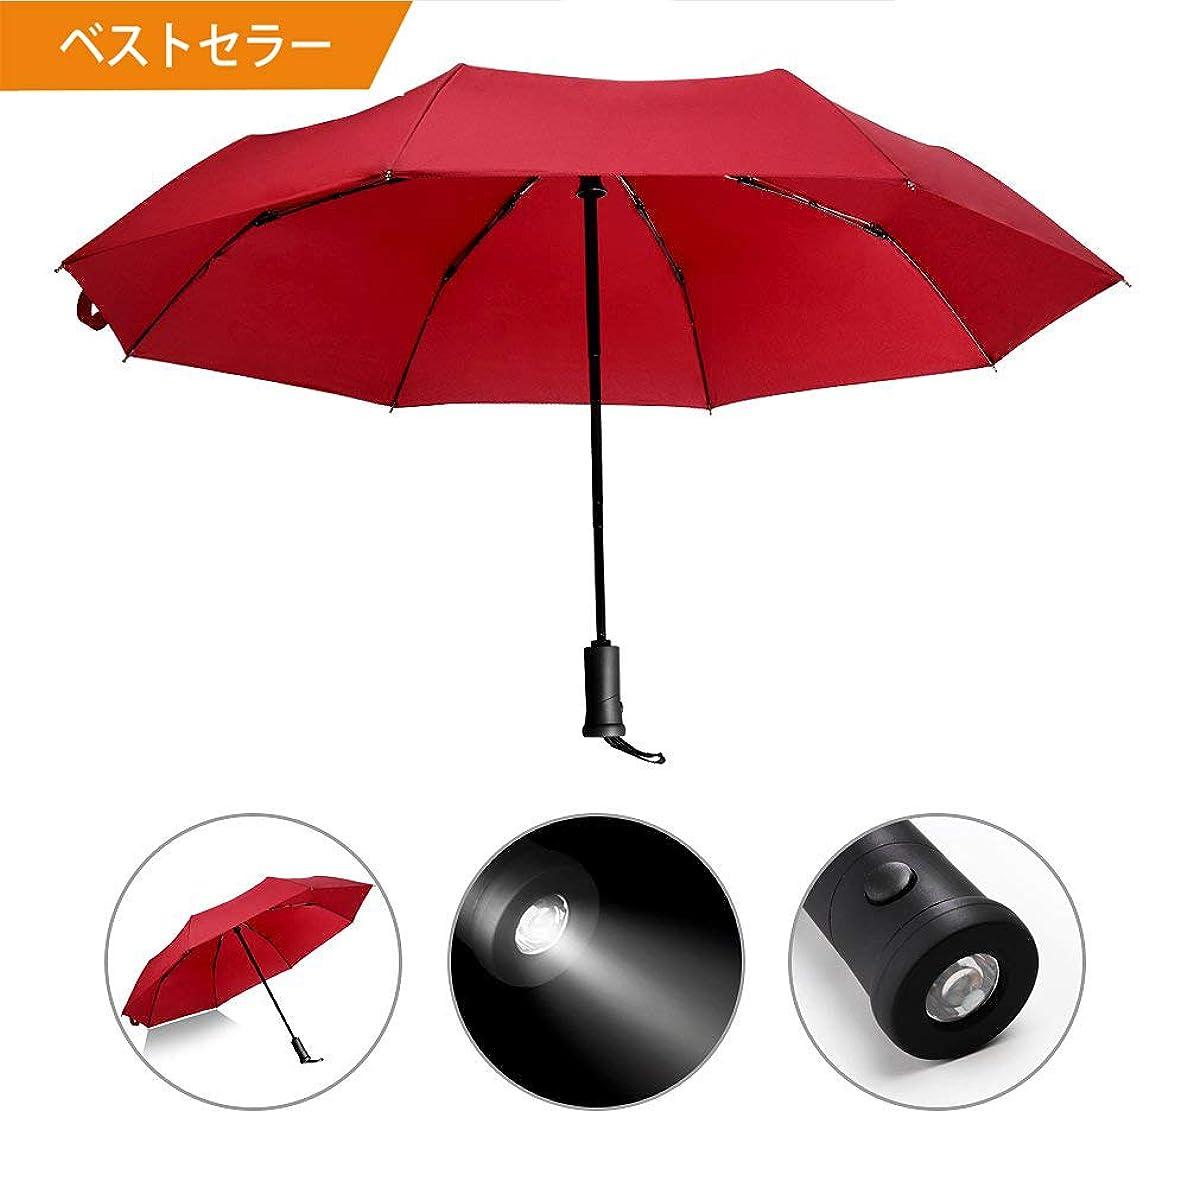 超える恒久的神聖折りたたみ傘 軽量 丈夫な8本骨 Teflon超撥水 コンパクト日傘 晴雨兼用 自動開閉 おりたたみ傘 傘カバー付き (赤い)